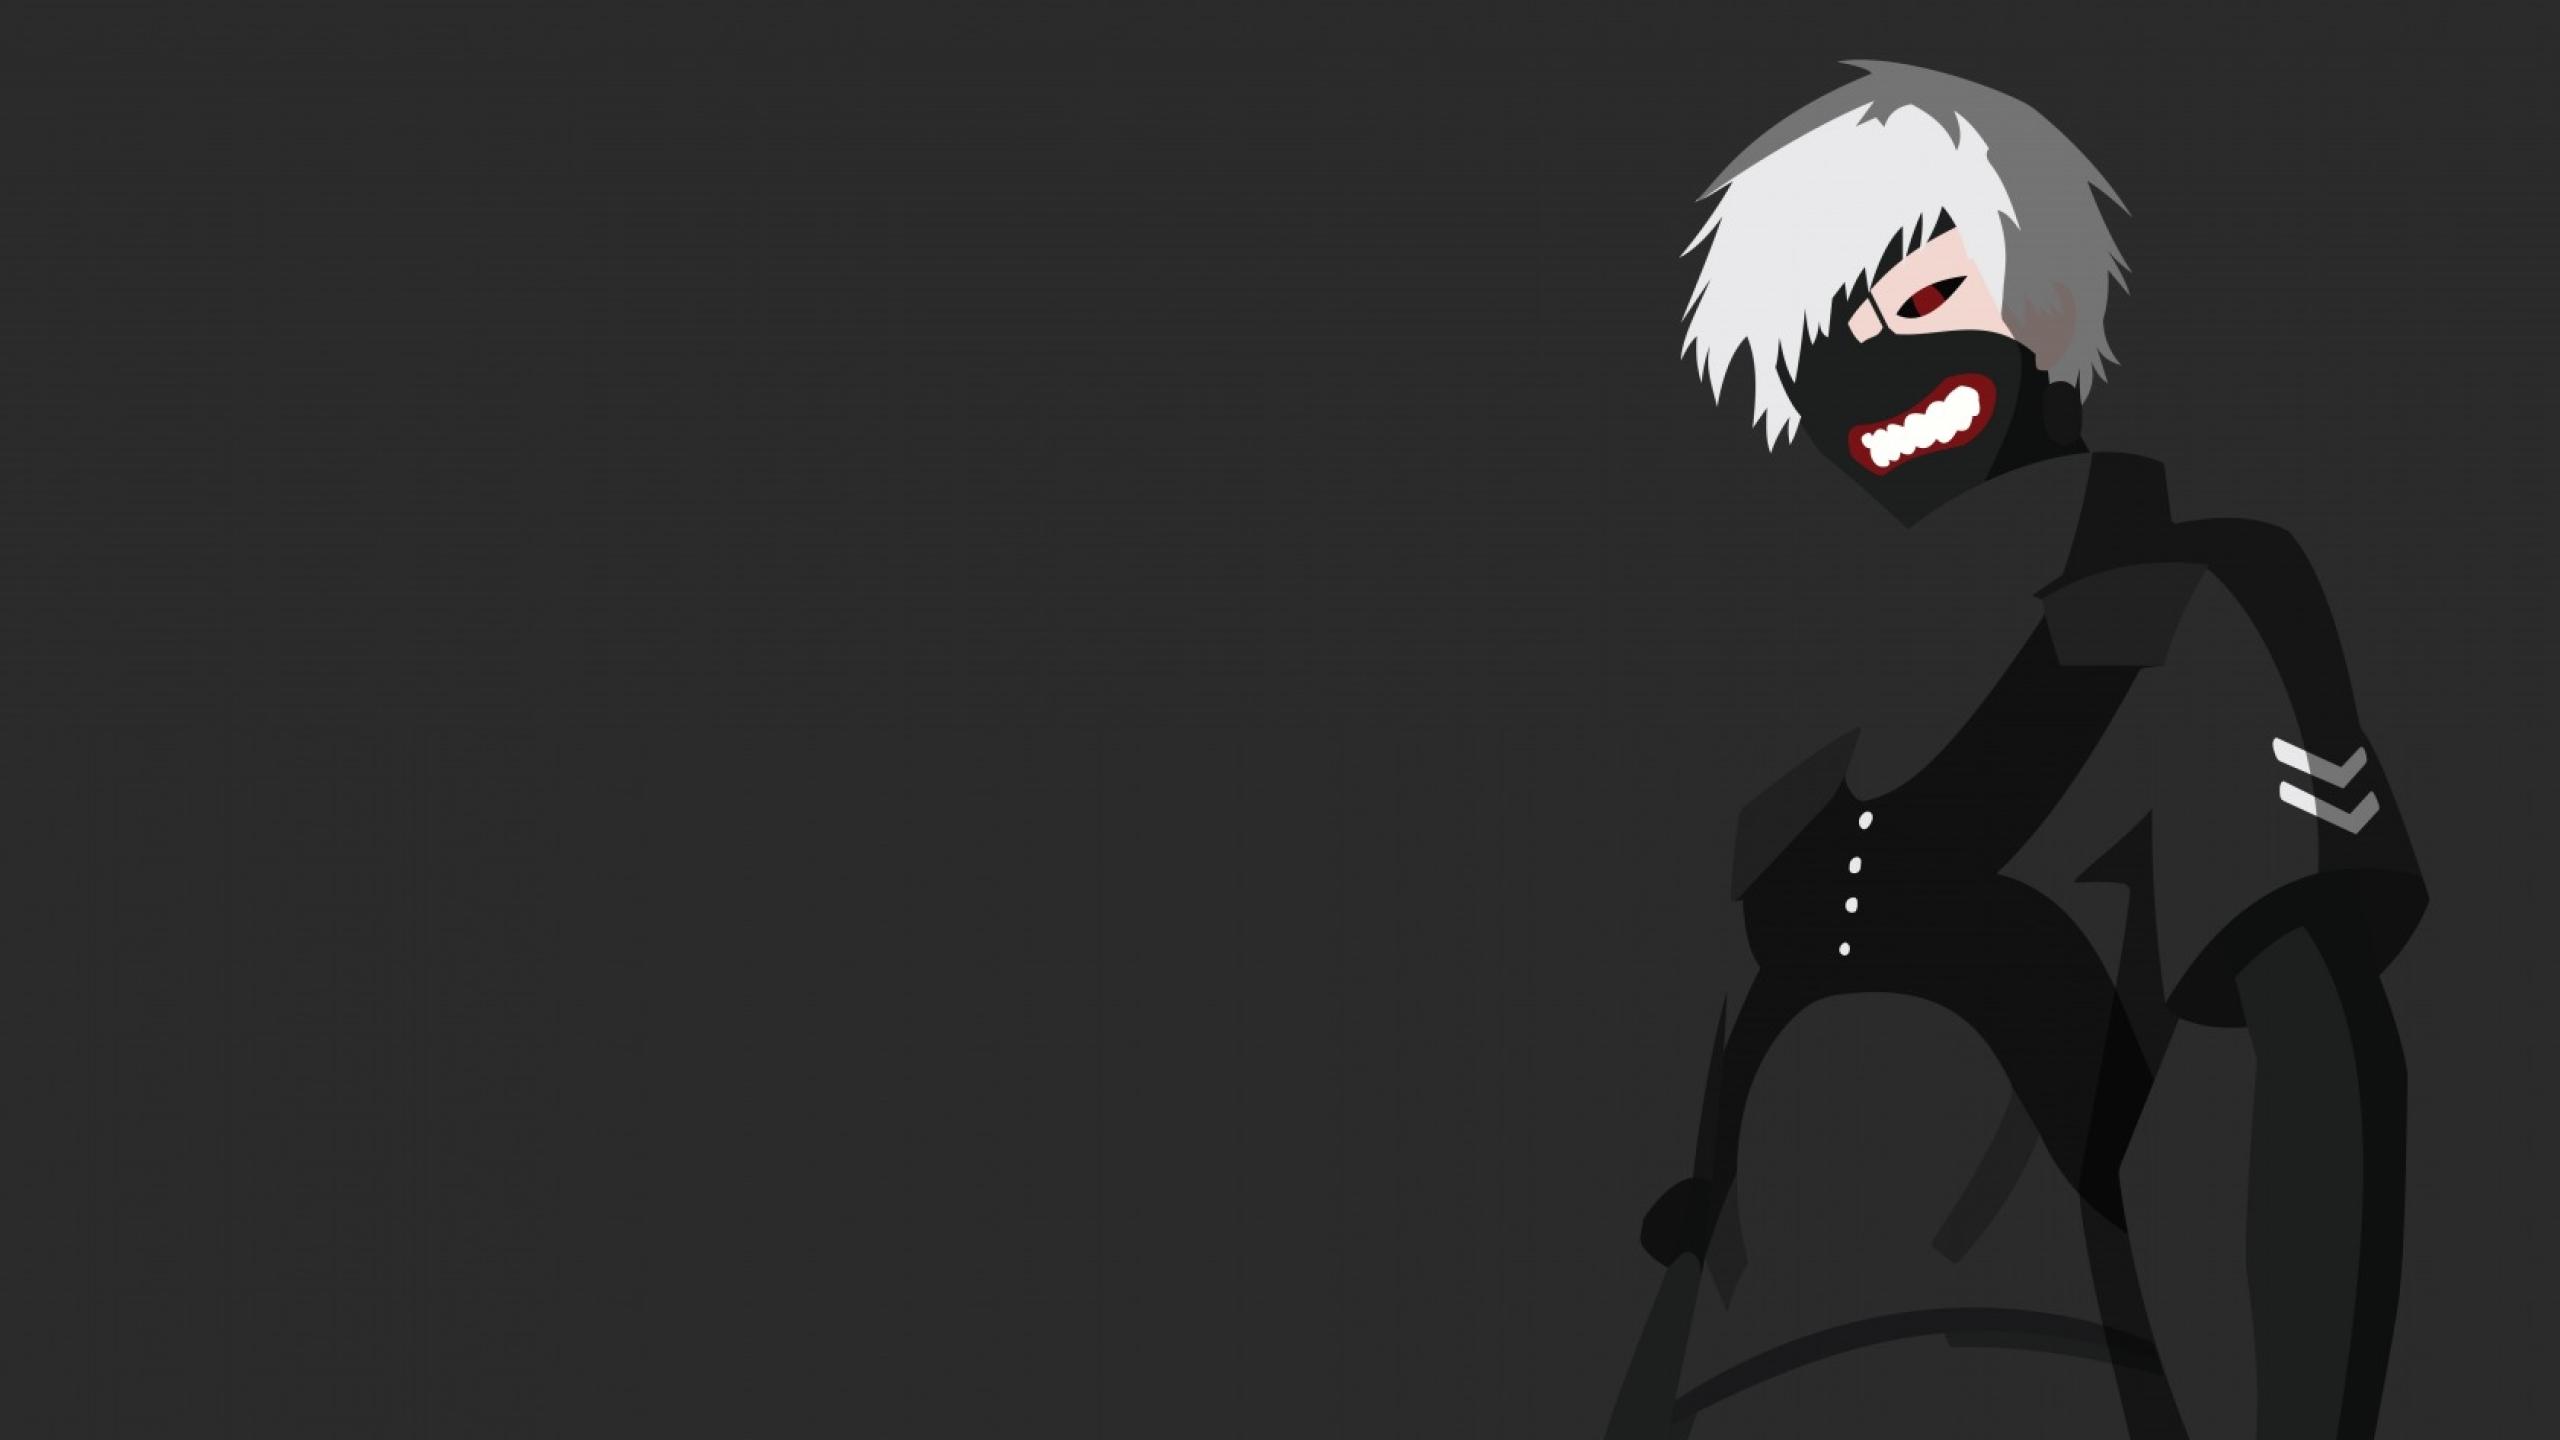 2560x1440 Tokyo Ghoul Ken Kaneki In Mask 1440p Resolution